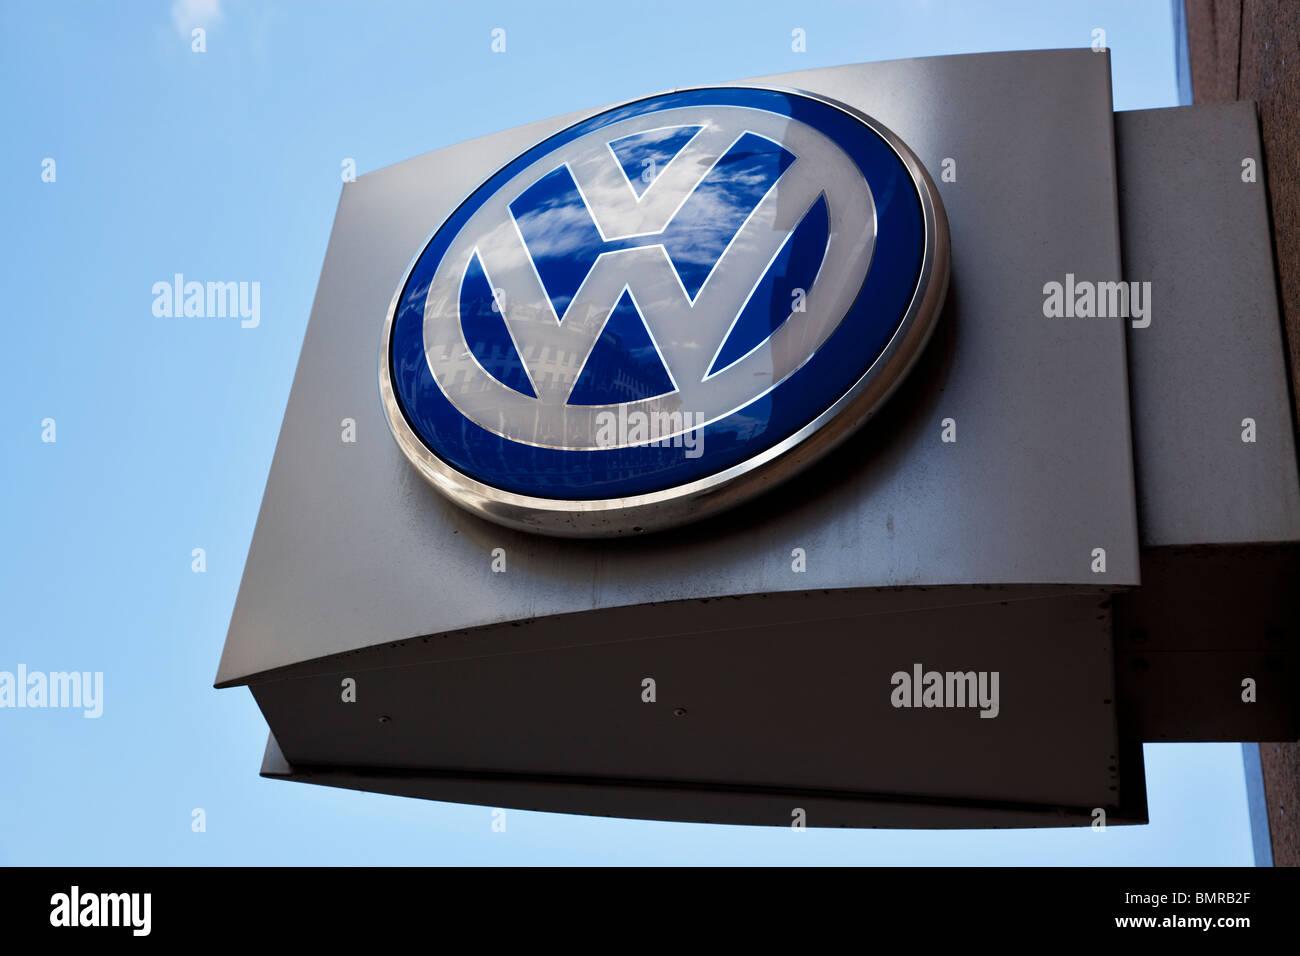 Vw Logo Outside Volkswagen Dealership London Uk Stock